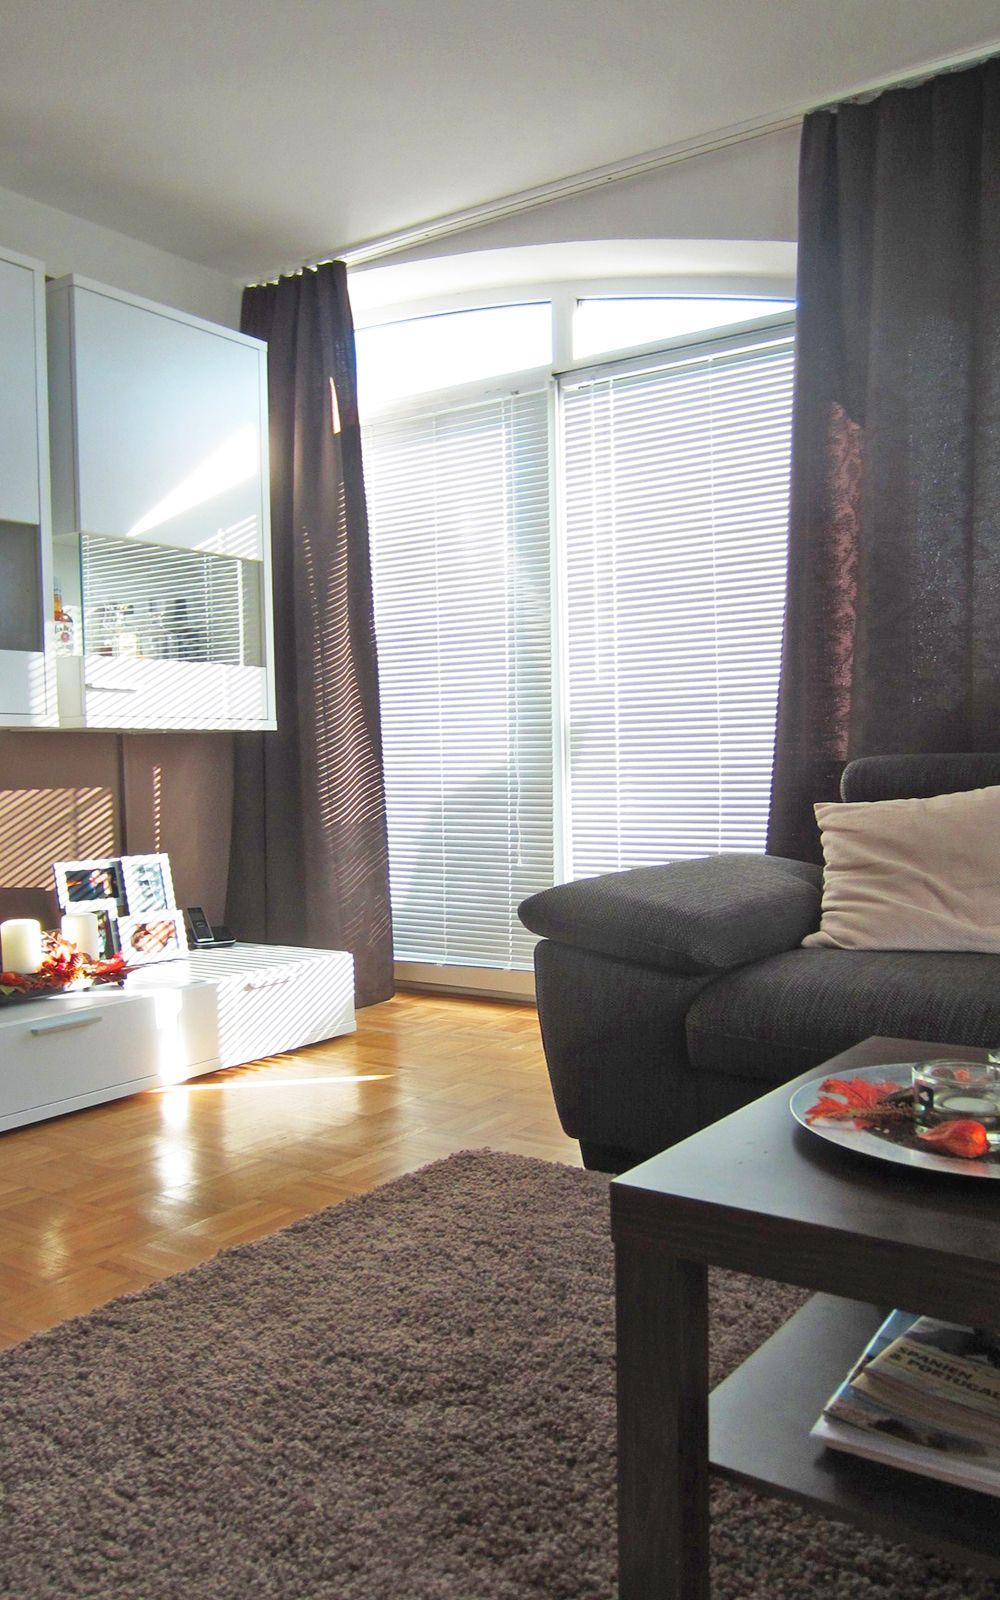 jalousie #rustikal #wohnzimmer Schöner Wohnen mit unseren ...